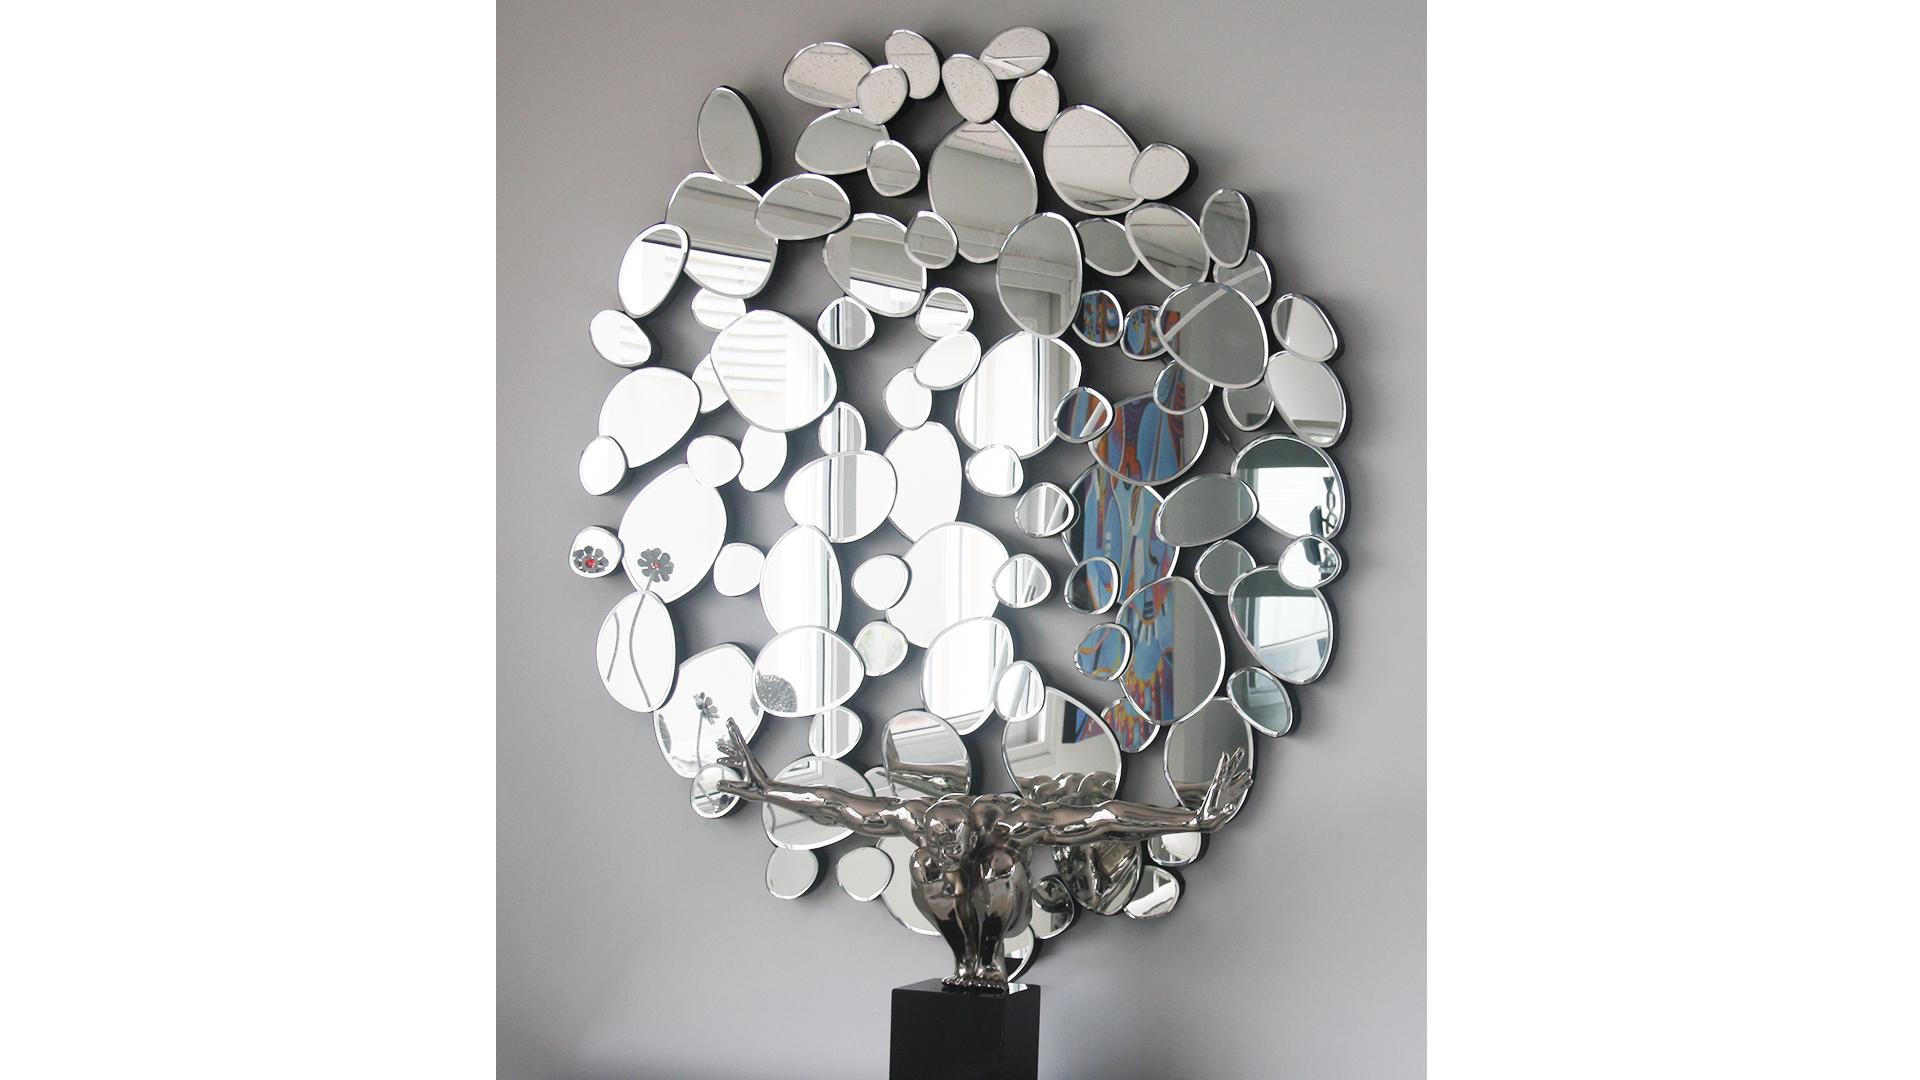 Le blog mobiliermoss zoom sur les bons plans des soldes - Miroir rond 120 cm ...